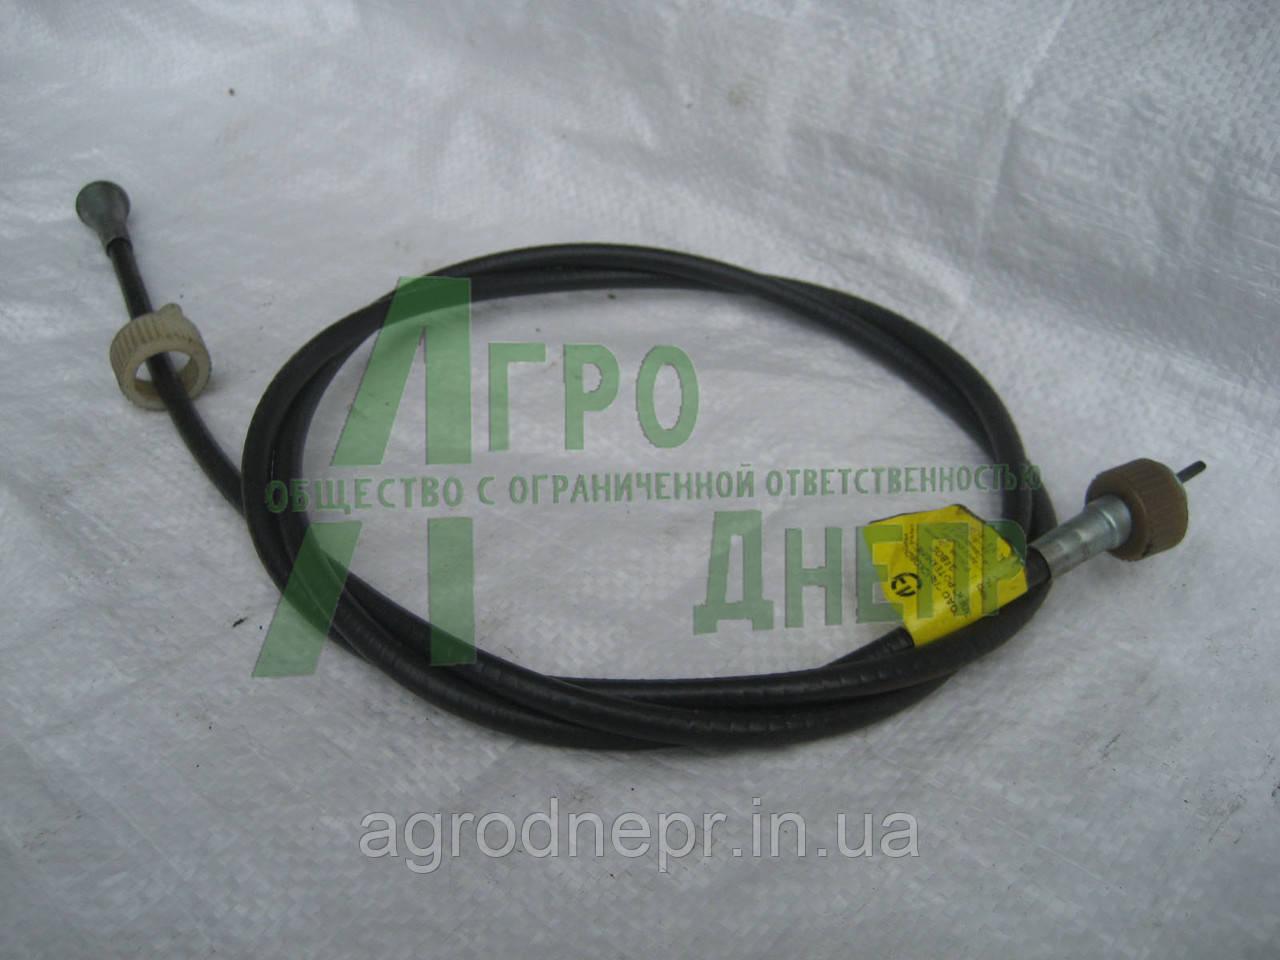 Вал гибкий спидометра ГВН-20В-01 длина 1800 мм.